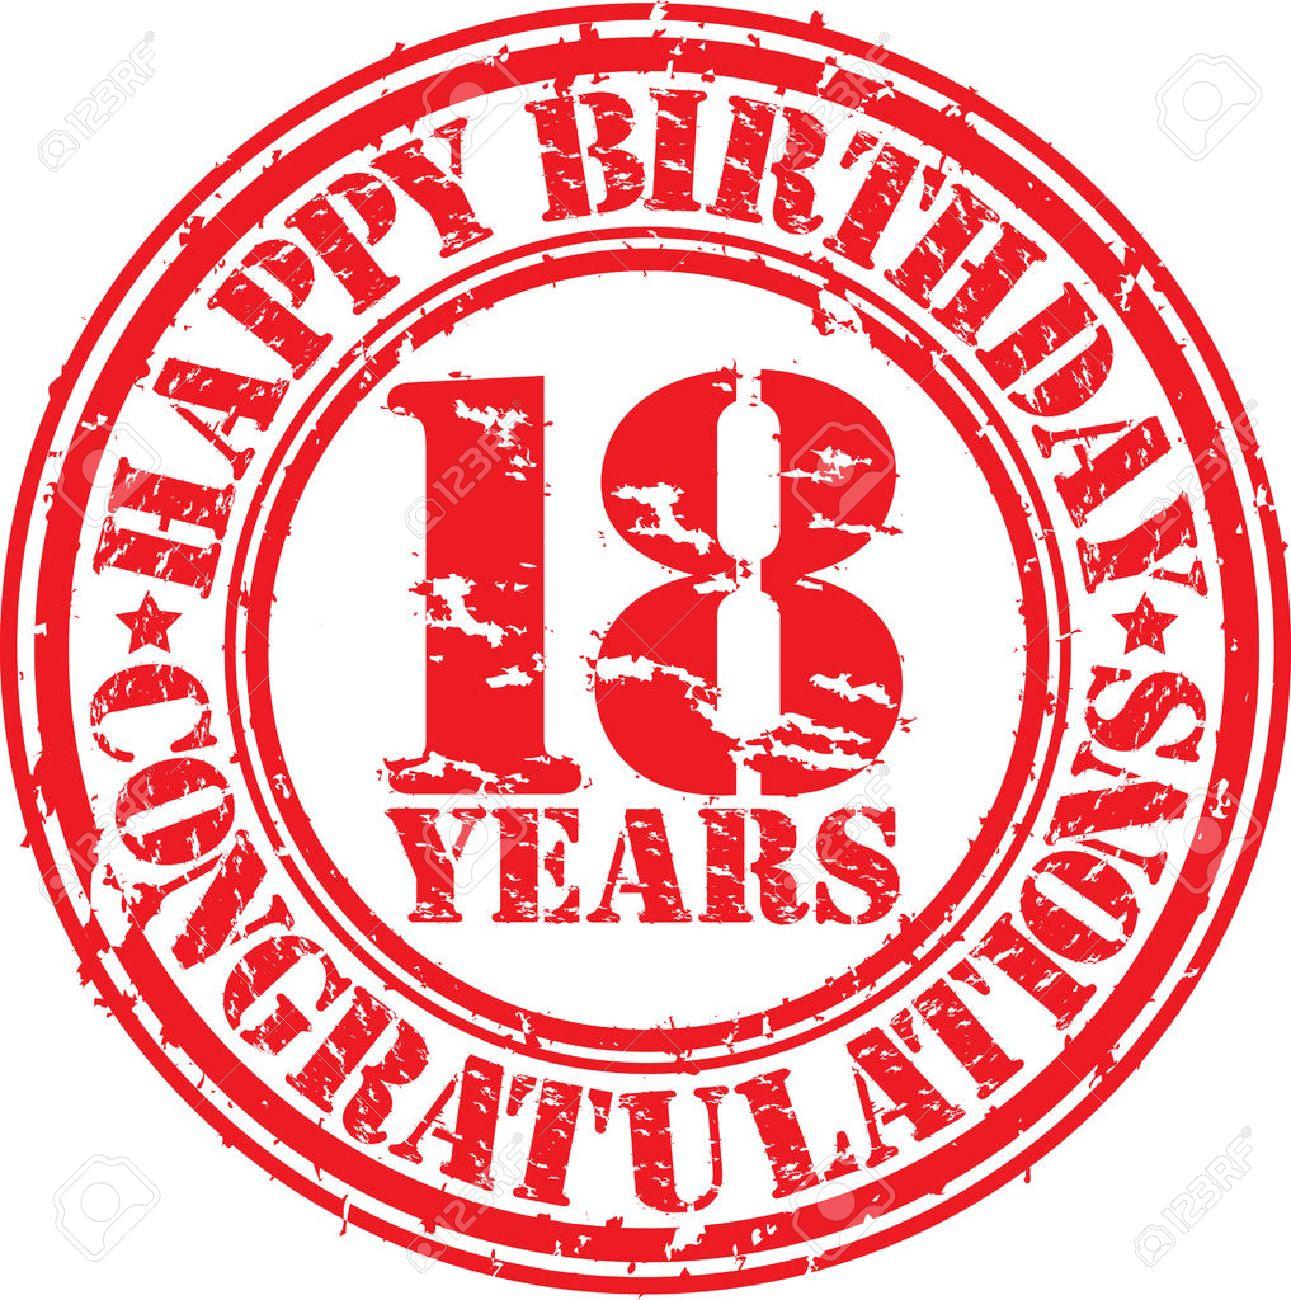 お誕生日おめでとう 18 歳グランジ ゴム印ベクトル イラストのイラスト